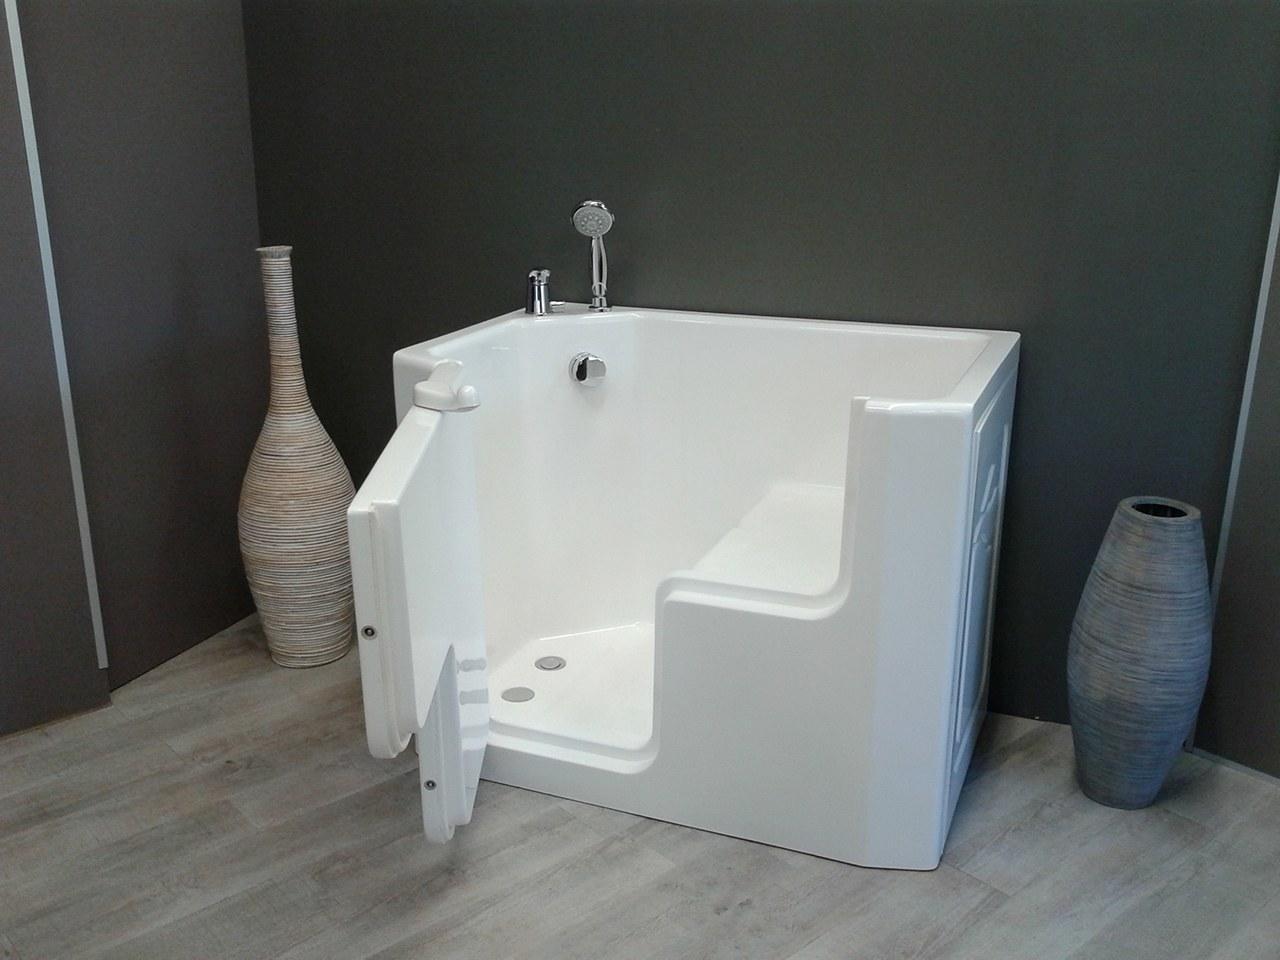 Vasca doccia per anziani e disabili ad accesso diretto for Arredamento casa per disabili